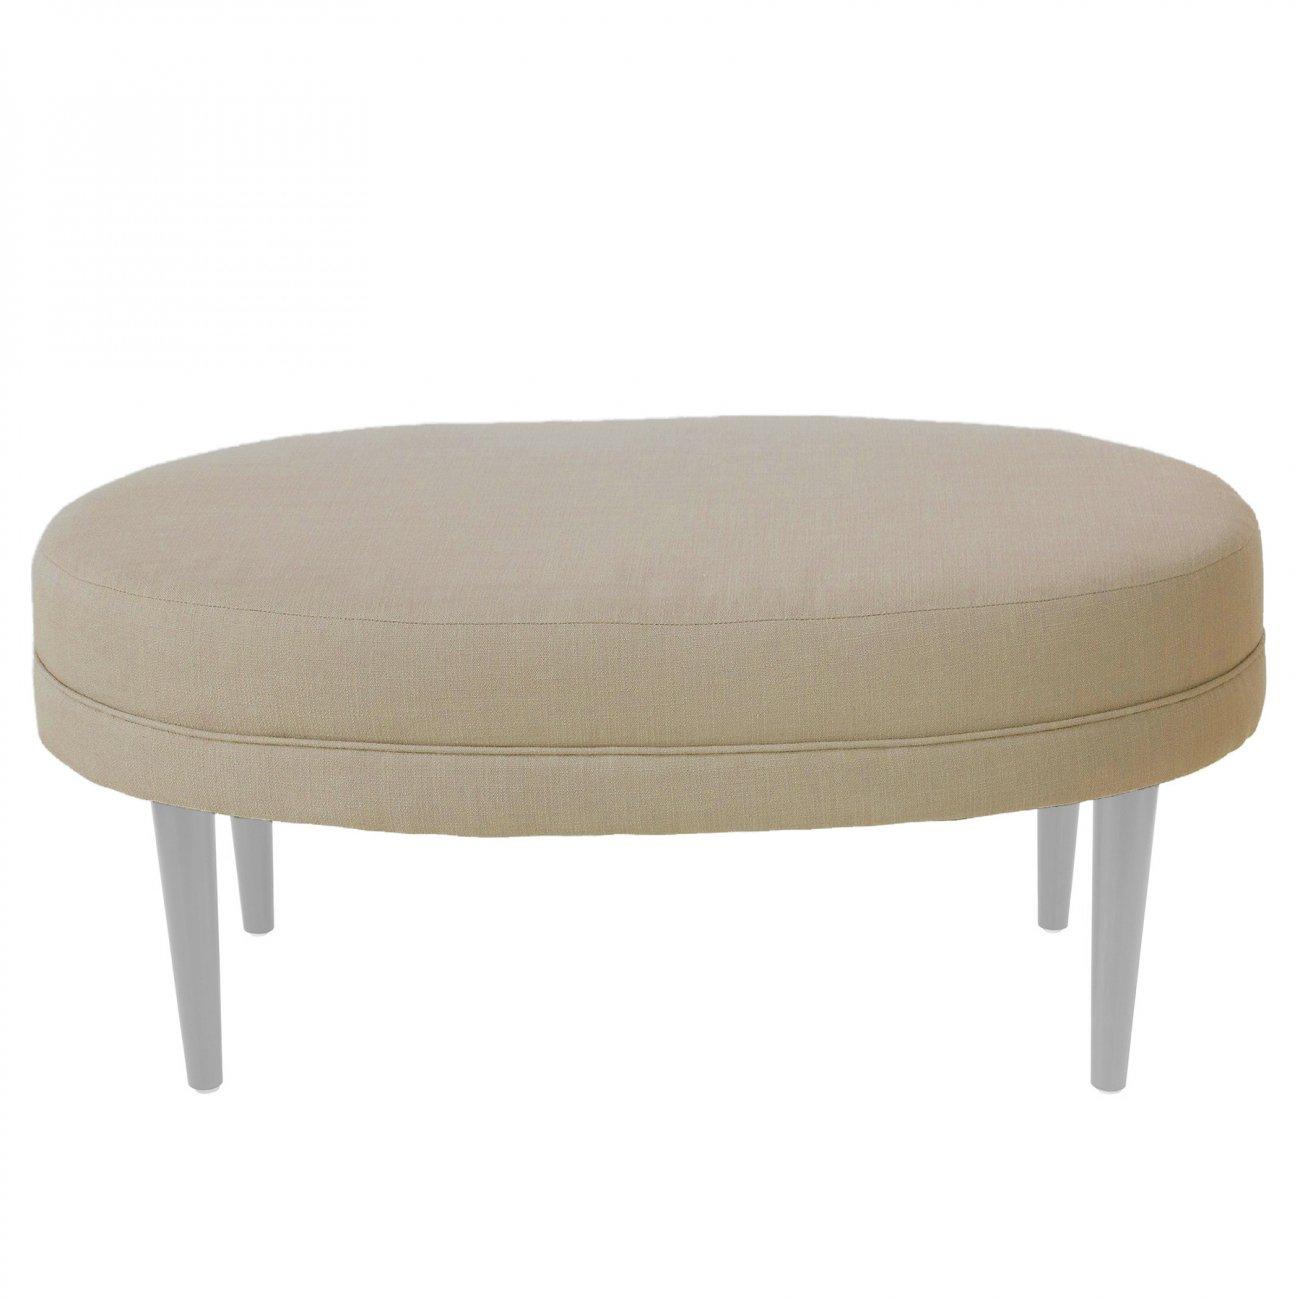 Купить Банкетка Sonorous white Бежевый Велюр в интернет магазине дизайнерской мебели и аксессуаров для дома и дачи